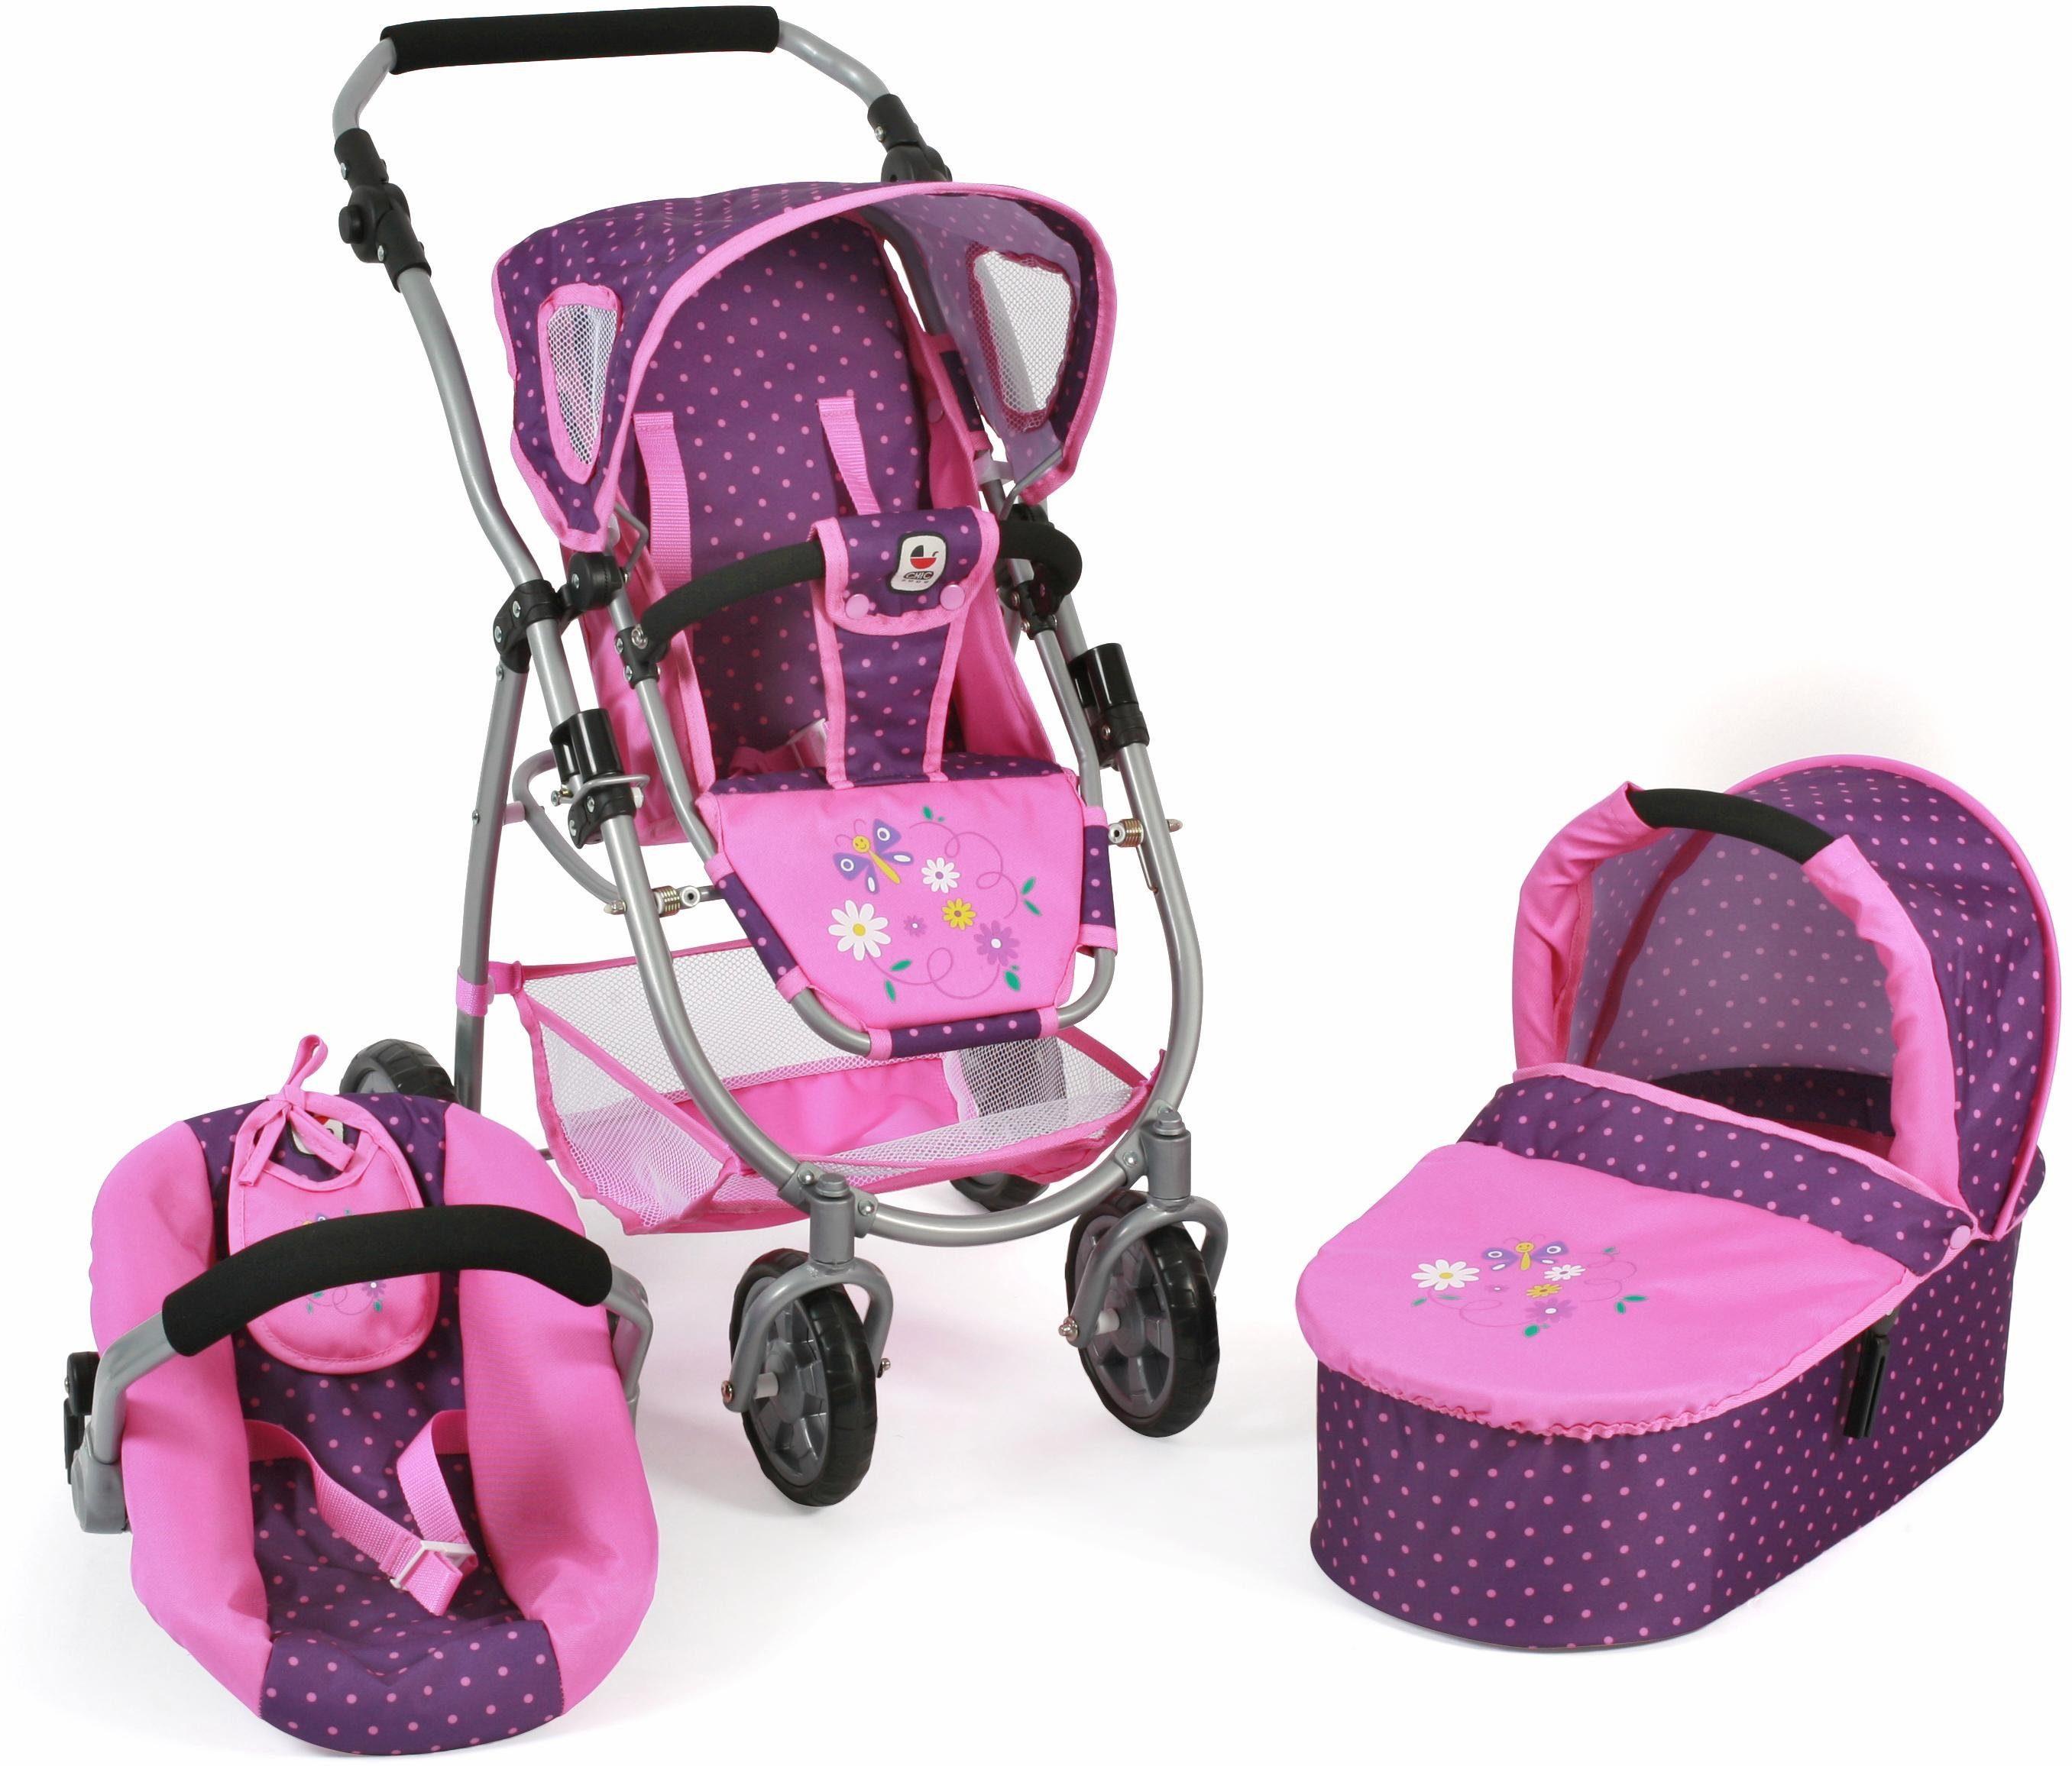 CHIC2000 Kombi Puppenw. m. Babywanne, Puppen-Autositz u.Sportwagenaufsatz, »Emotion 3in1, lila-pink«